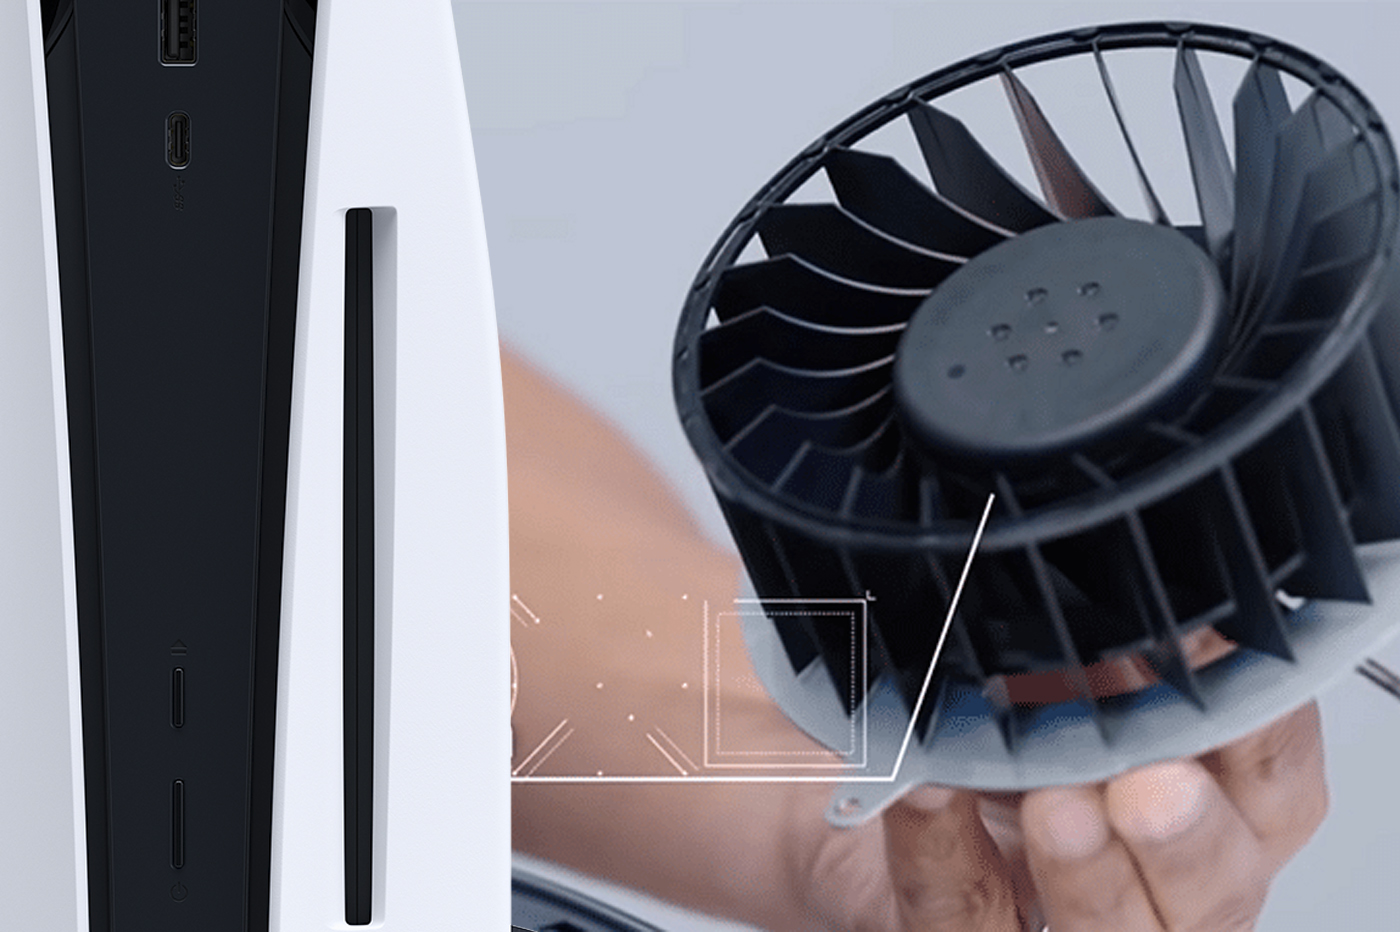 Ventilateurs PS5 Ventilateurs PS5 Mise à jour